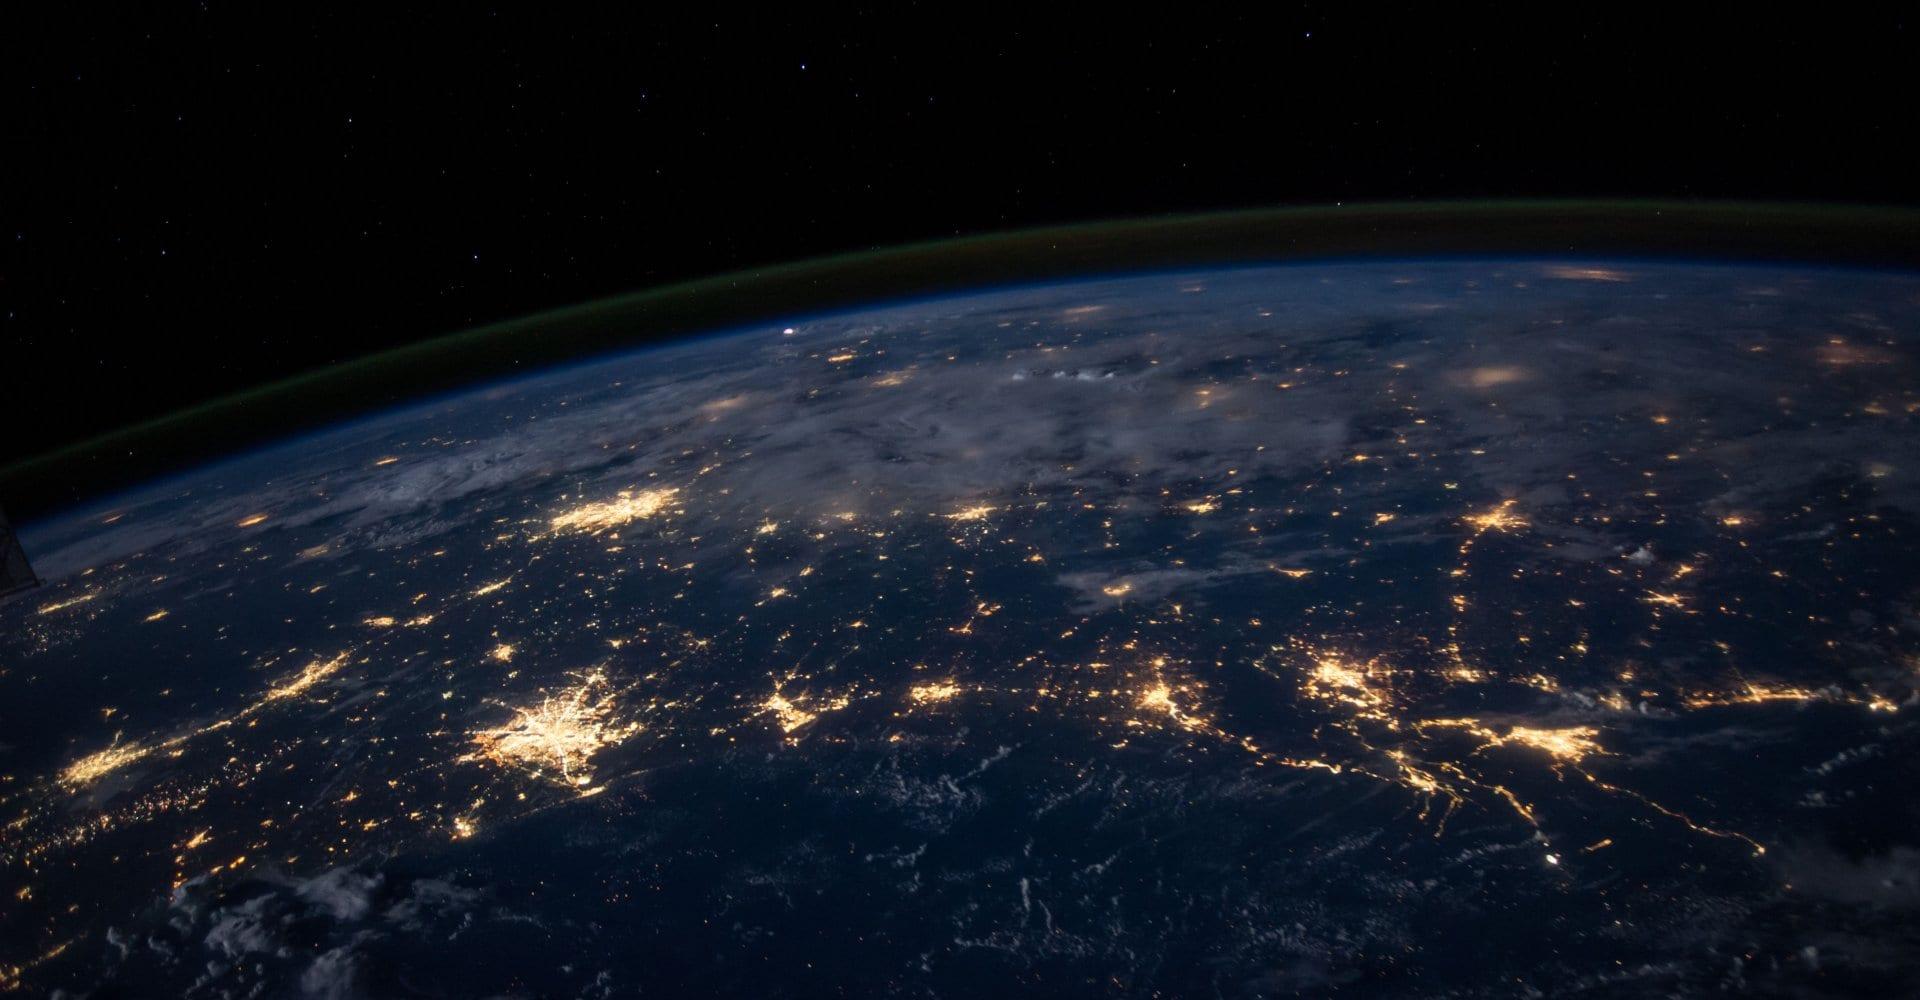 Das Internet und neue Mobilität in einer smarten Welt